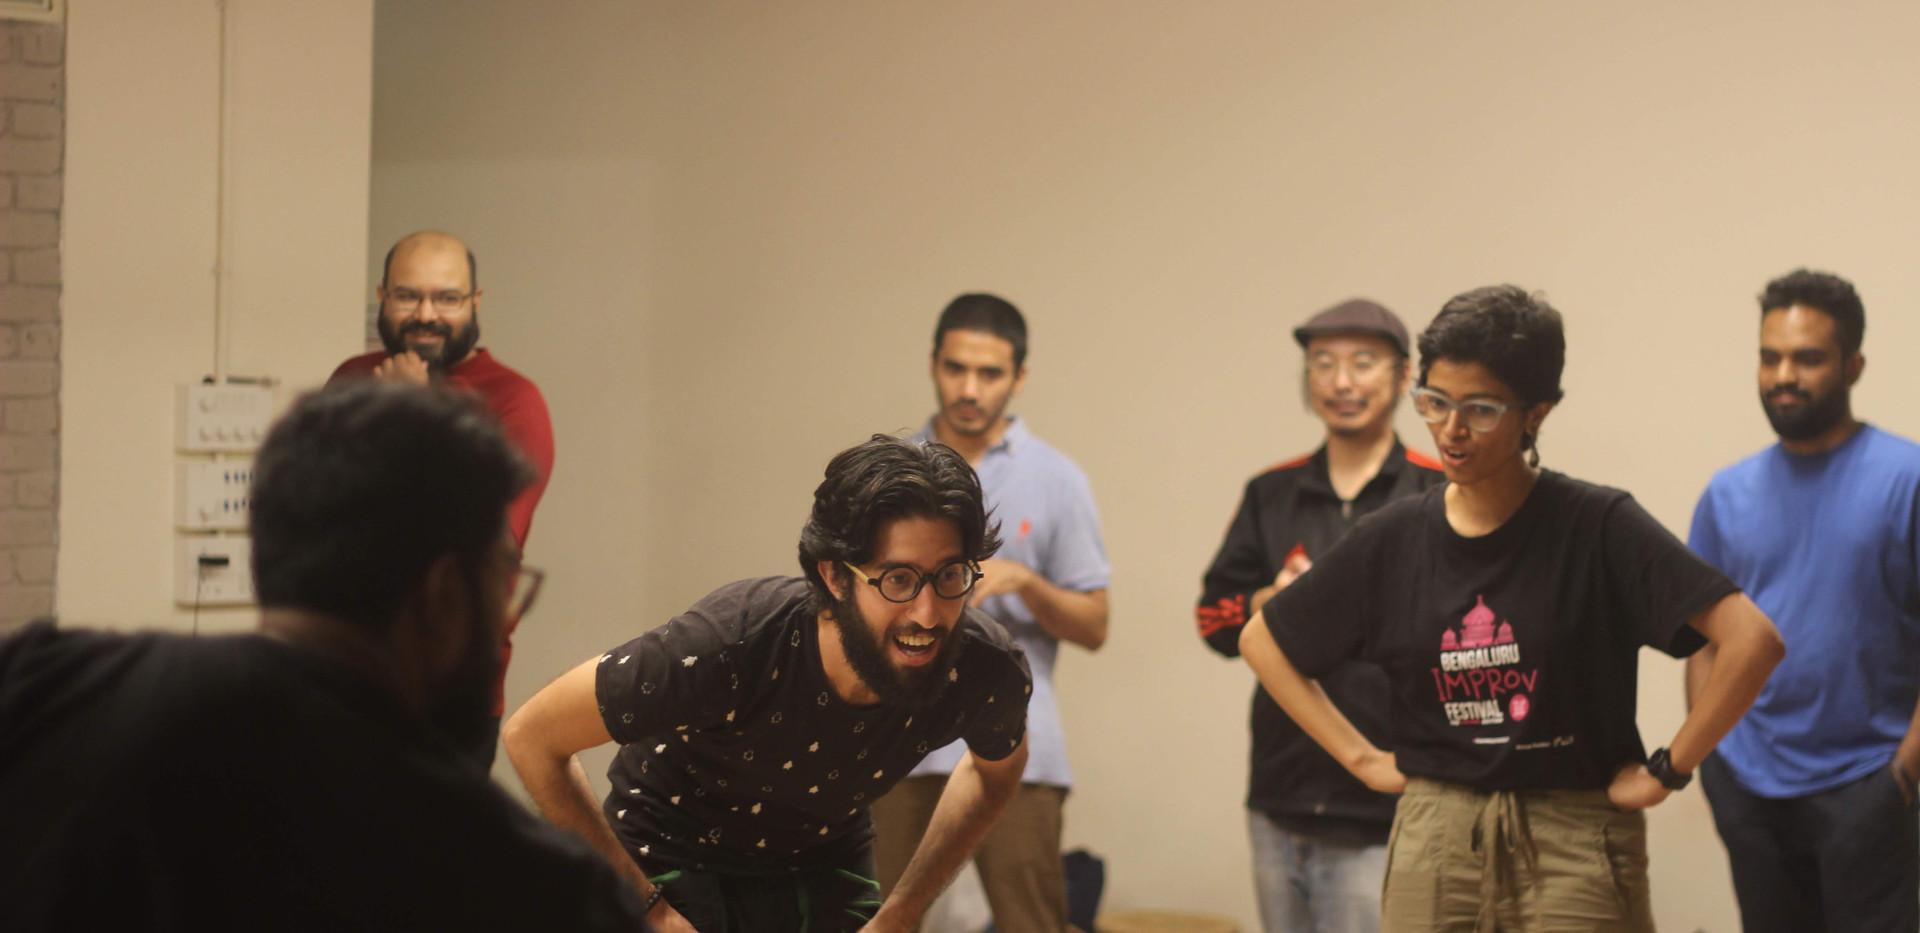 Improv for Wellness Jam at Bengaluru Improv Festival